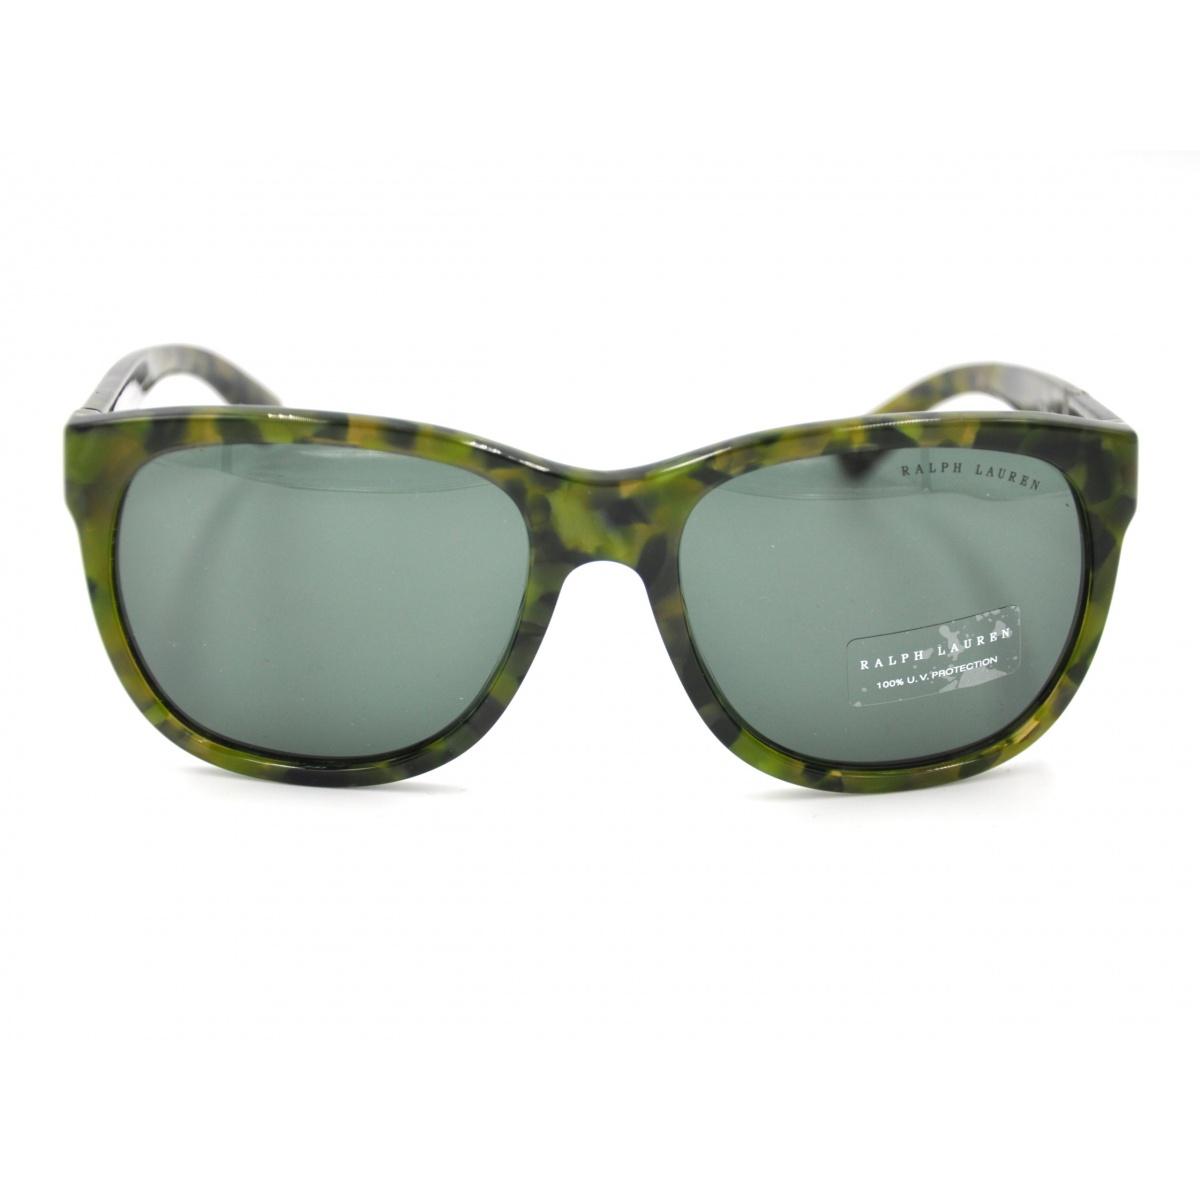 RALPH LAUREN RL8141 5436 3H UNISEX Sunglasses Piraeus